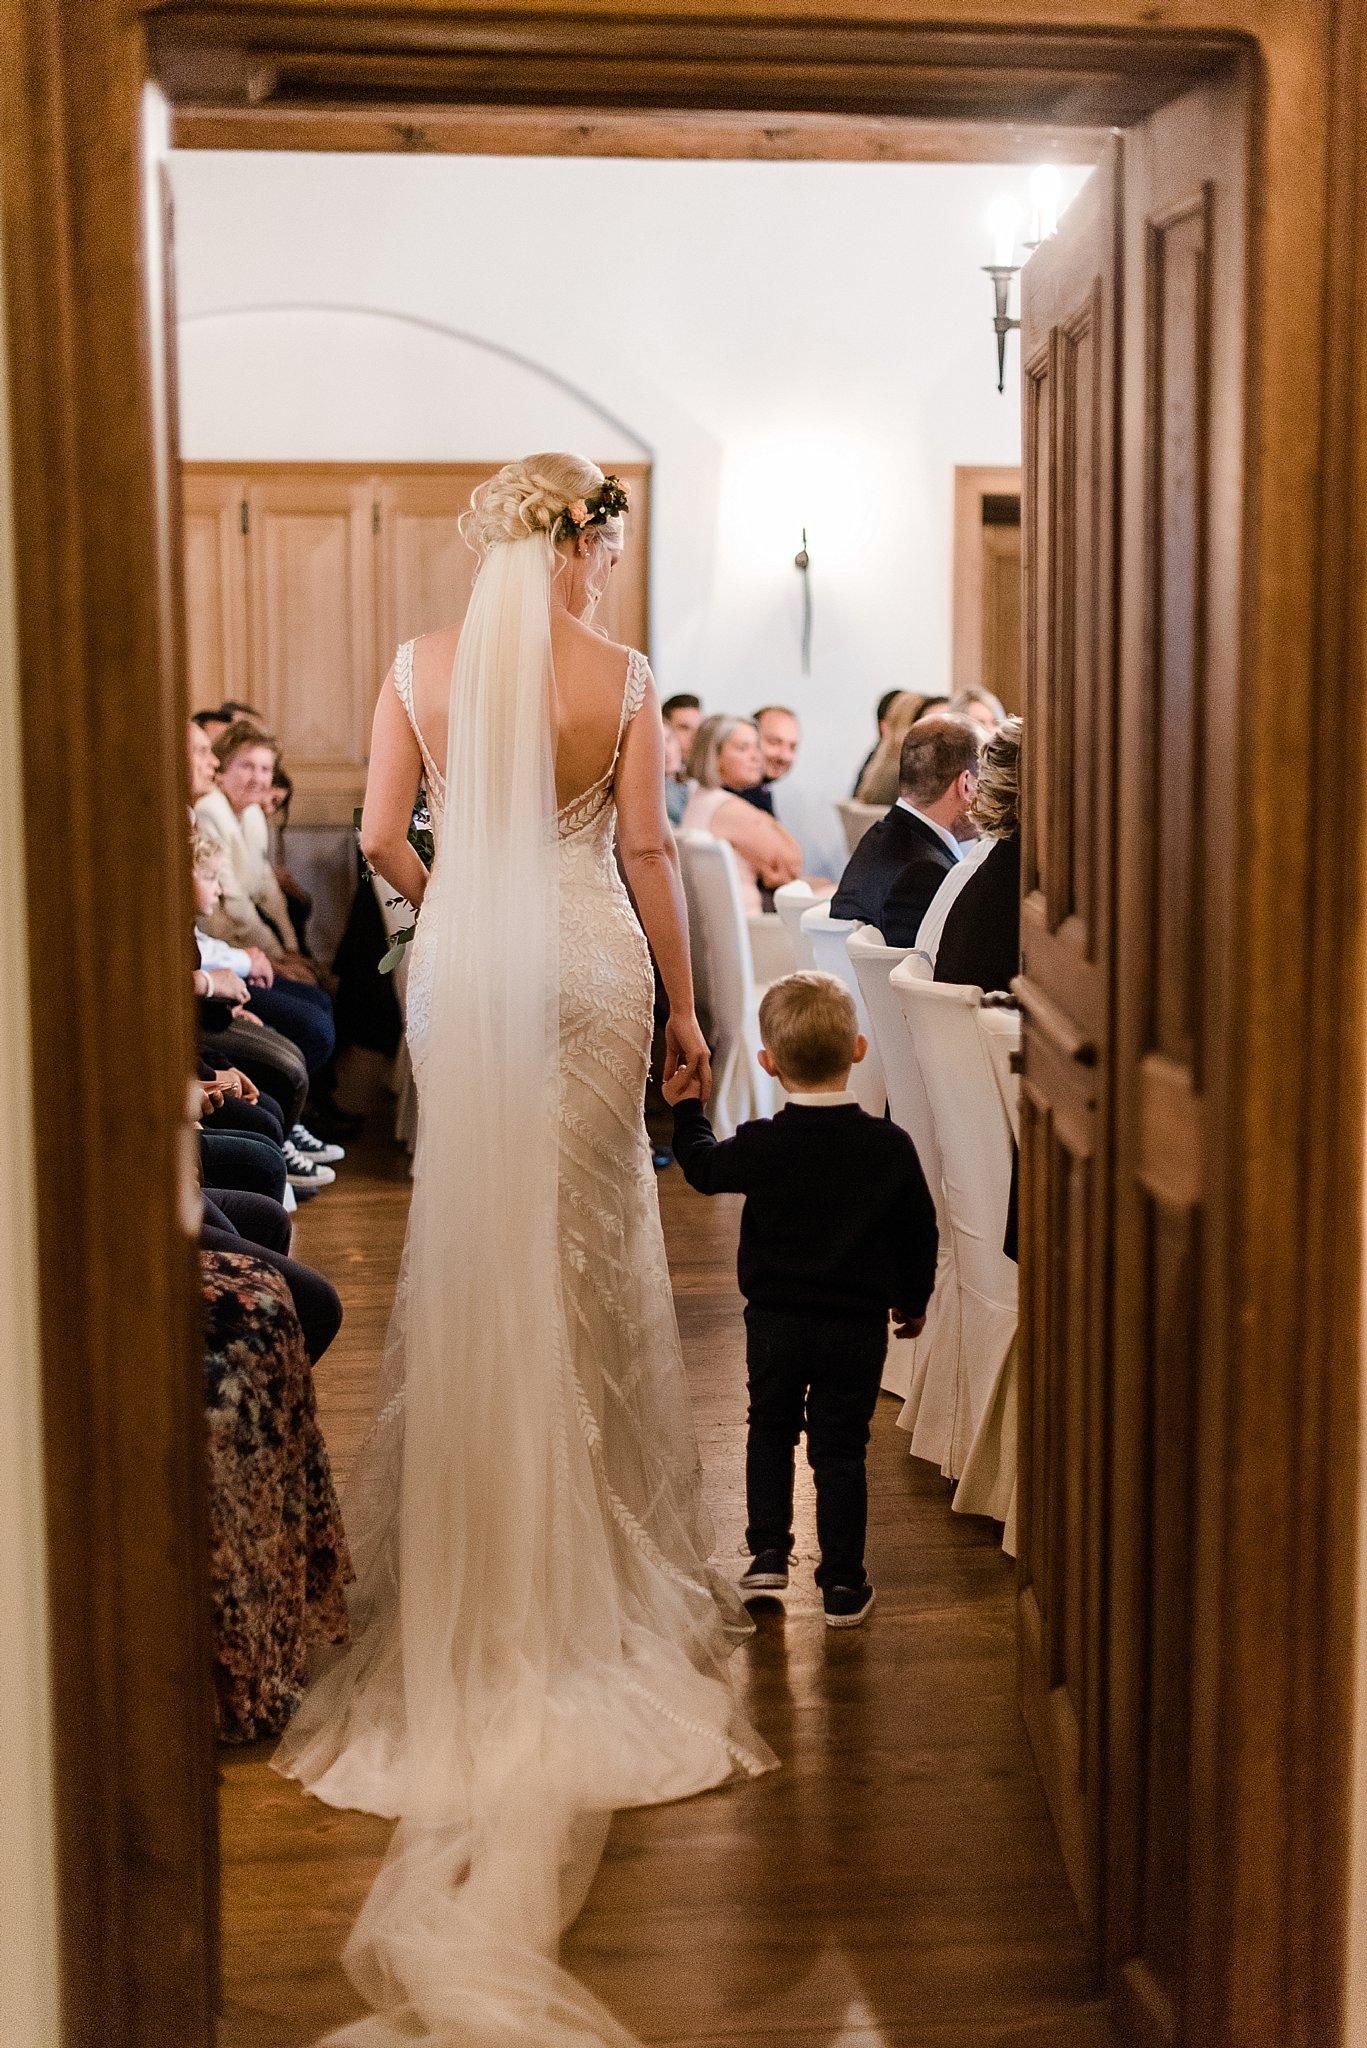 Hochzeit-von-Marina-Dominik-auf-Burg-Wernberg-und-Schloss-Friedrichsburg-00098